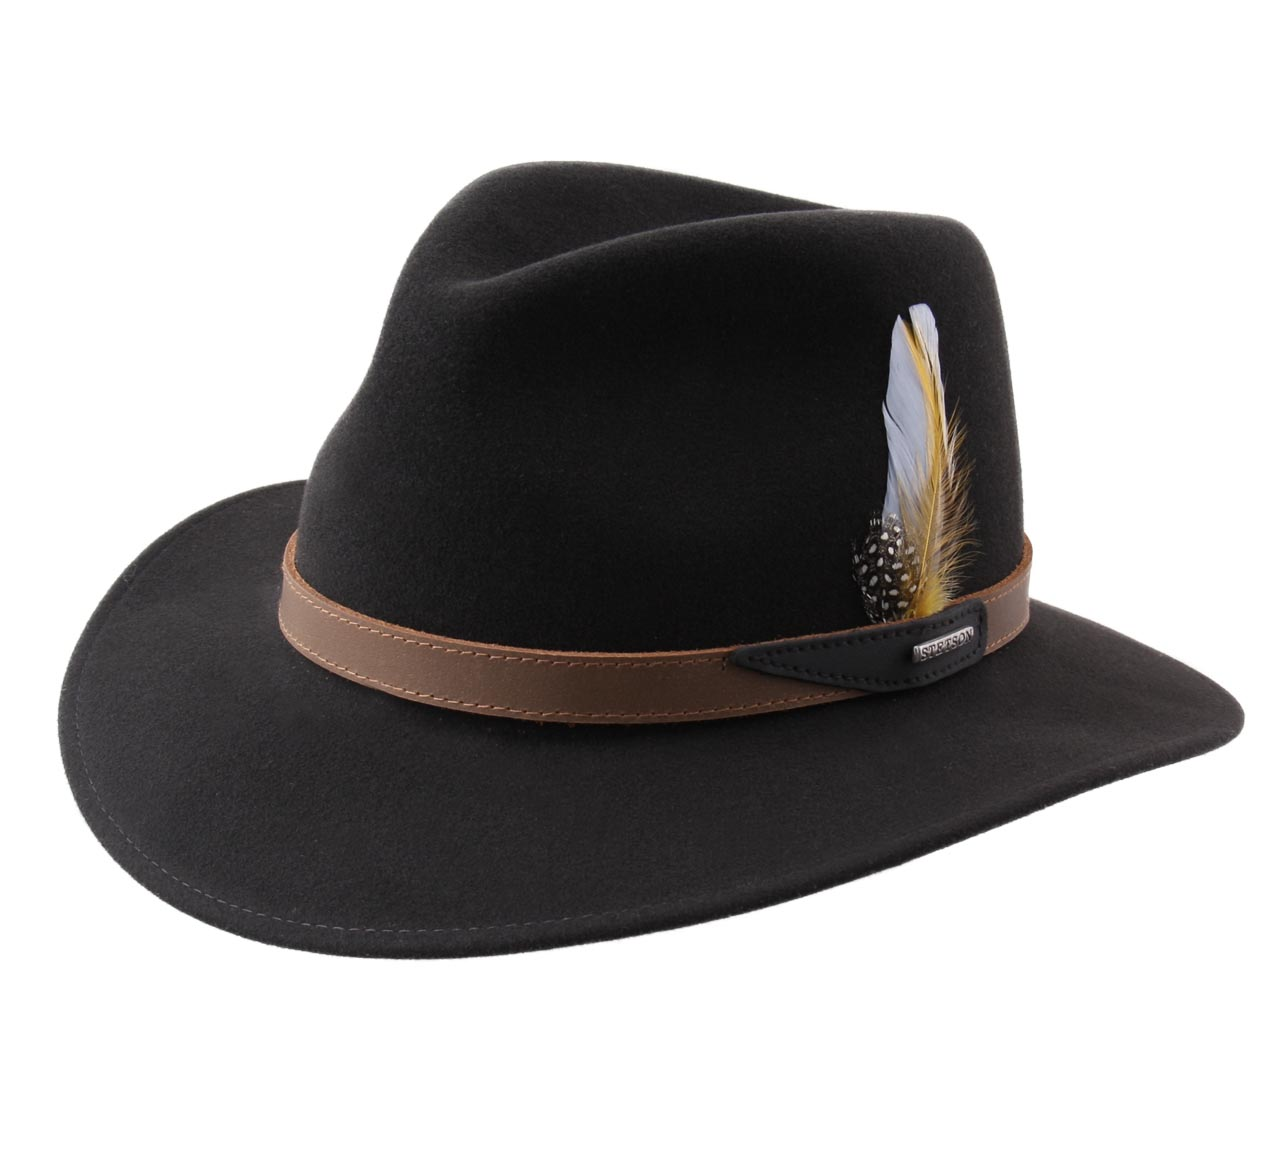 39bb4a45e2f Hampton - Hats Stetson